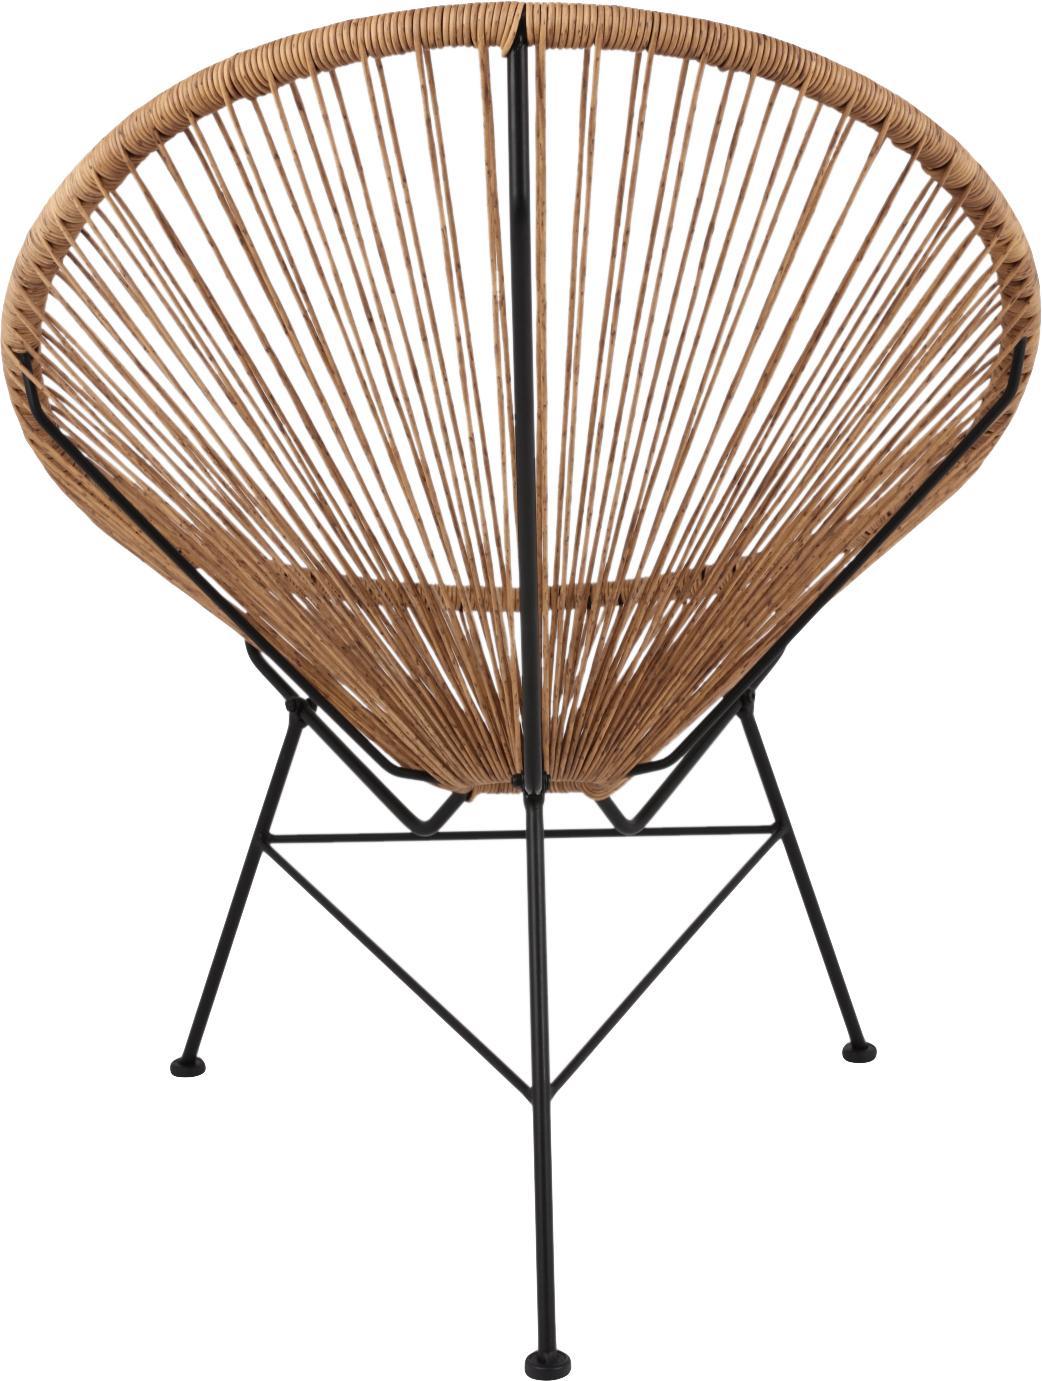 Loungesessel Bahia aus Kunststoff-Geflecht, Sitzfläche: Kunststoff, Gestell: Metall, pulverbeschichtet, Kunststoff: Beige. Gestell: Schwarz, B 81 x T 73 cm